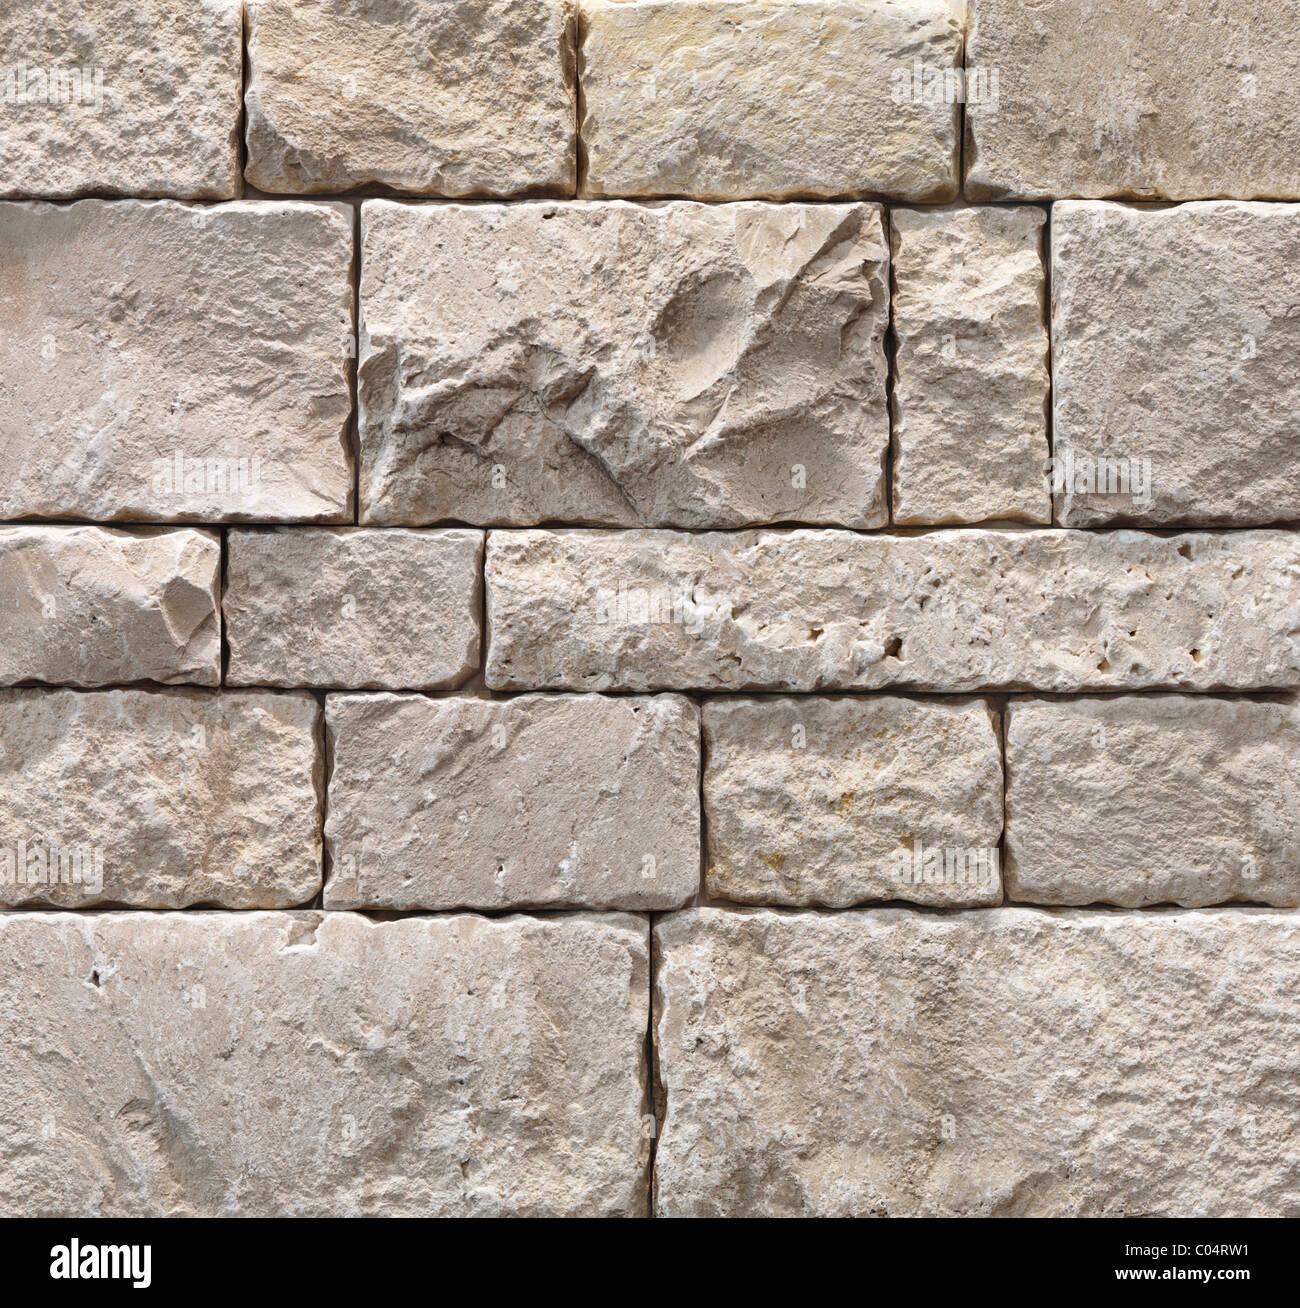 Elfenbein Durango Splitface Fliesen Textur Hintergrund. Außen Stein Stockbild